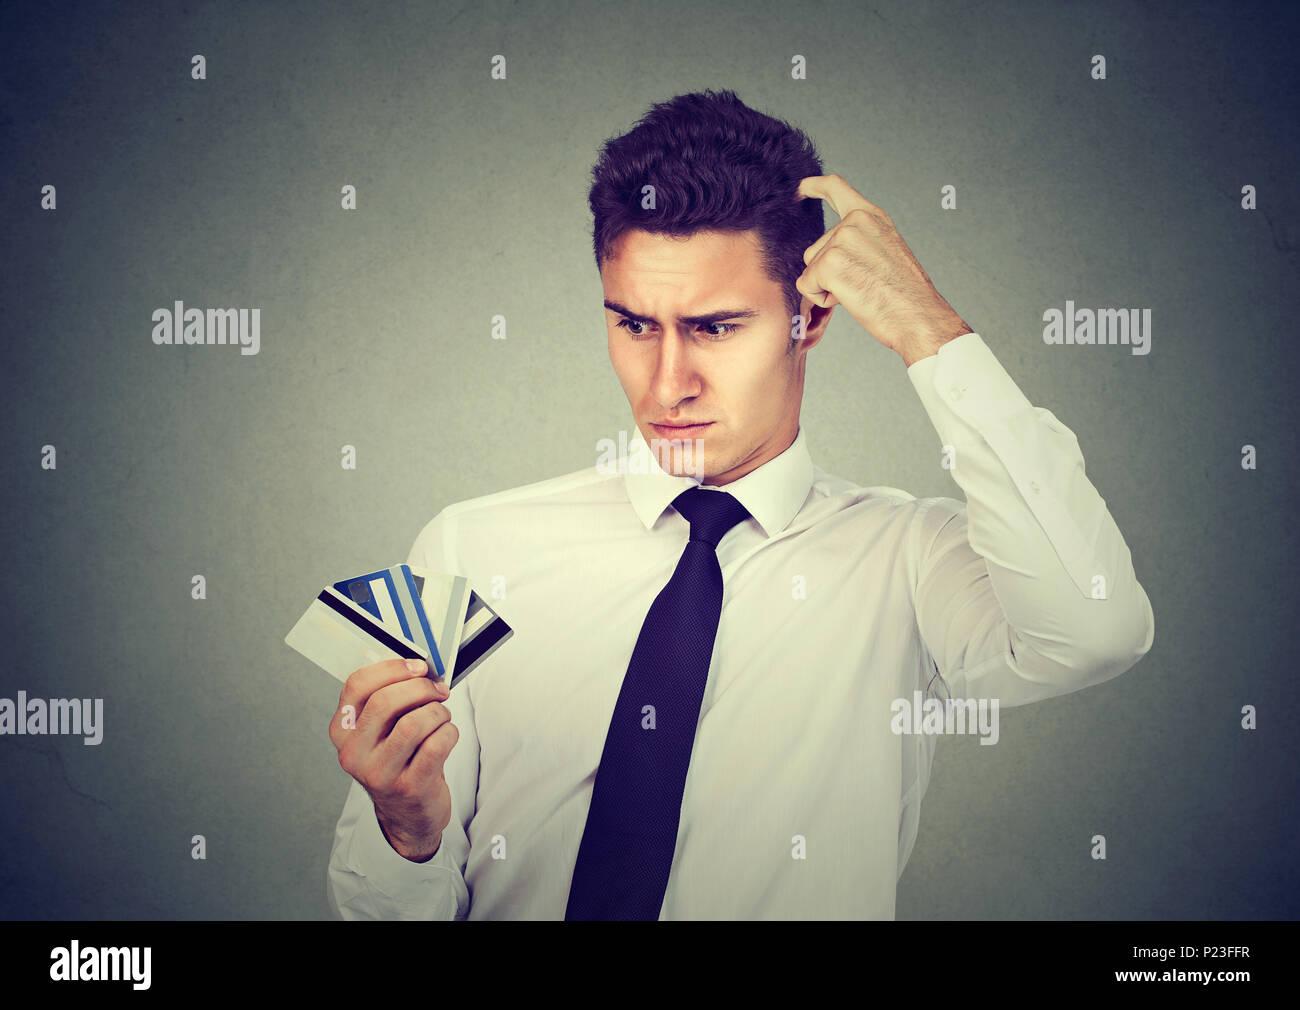 Confundido hombre mirando muchas tarjetas de crédito incierto cuál elegir aislado sobre fondo gris Imagen De Stock